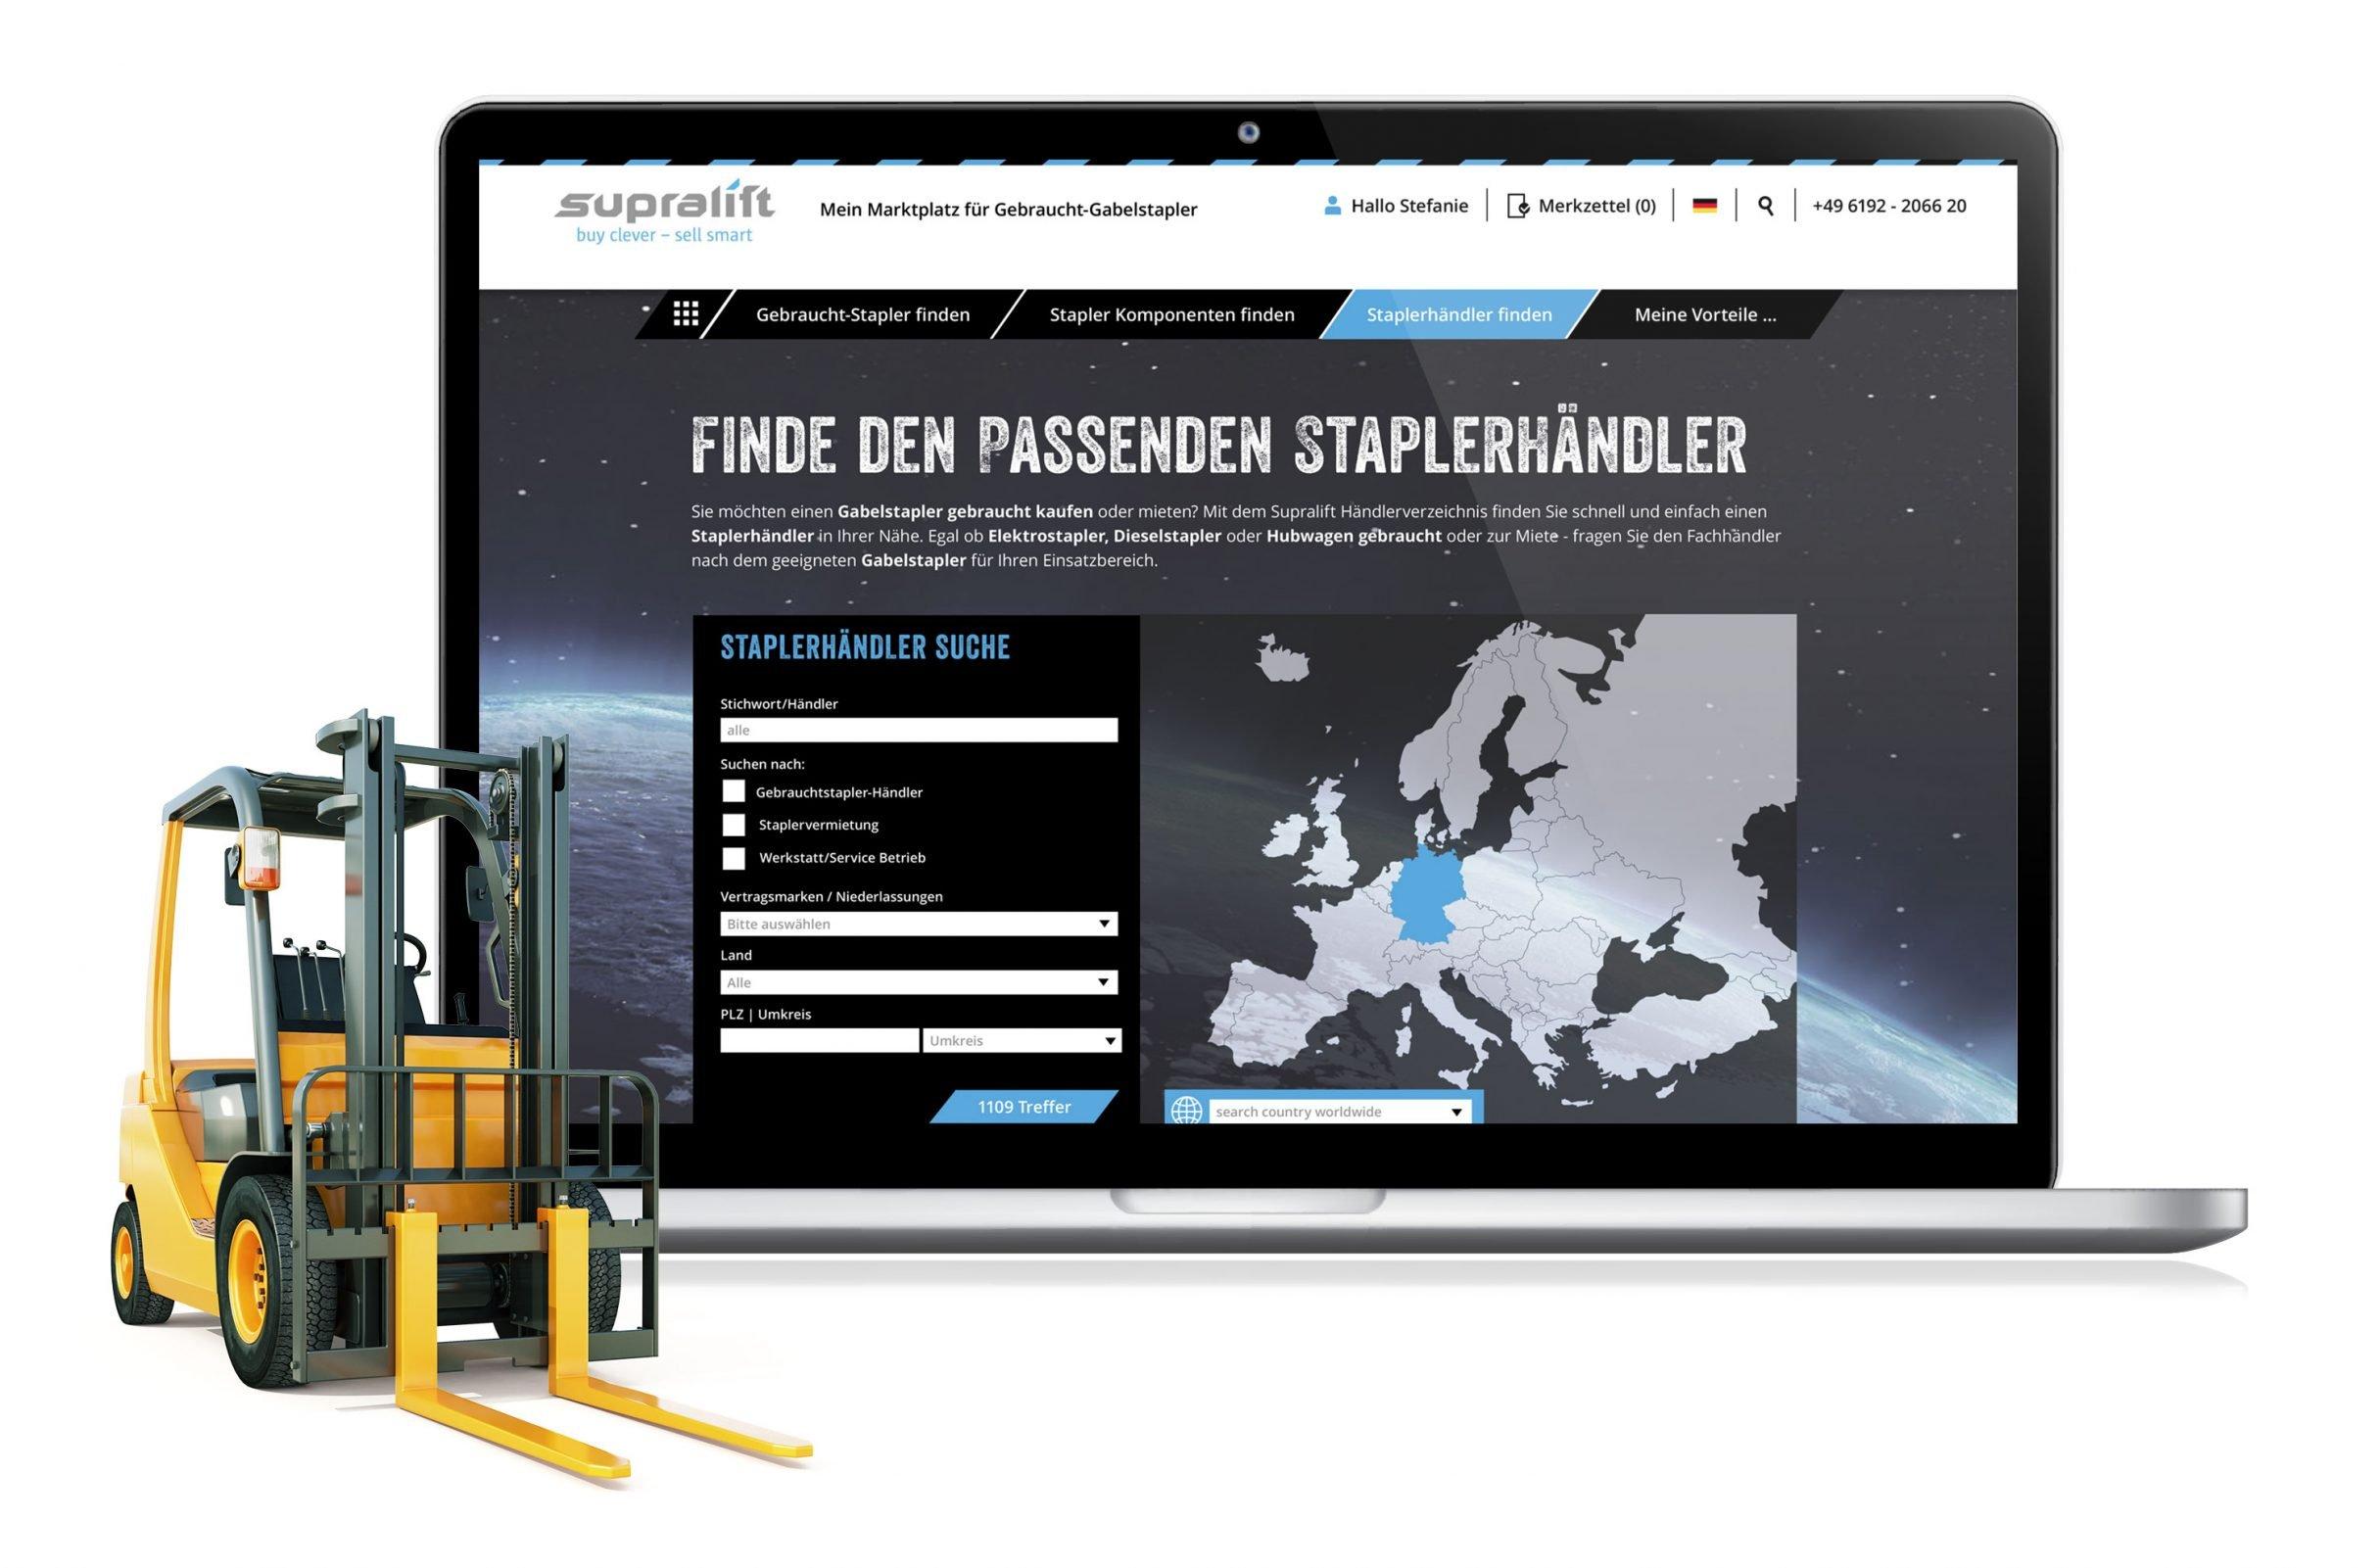 Webportal Händlersuche für Supralift Gebrauchtgabelstapler: DIE NEUDENKER® Agentur, Darmstadt